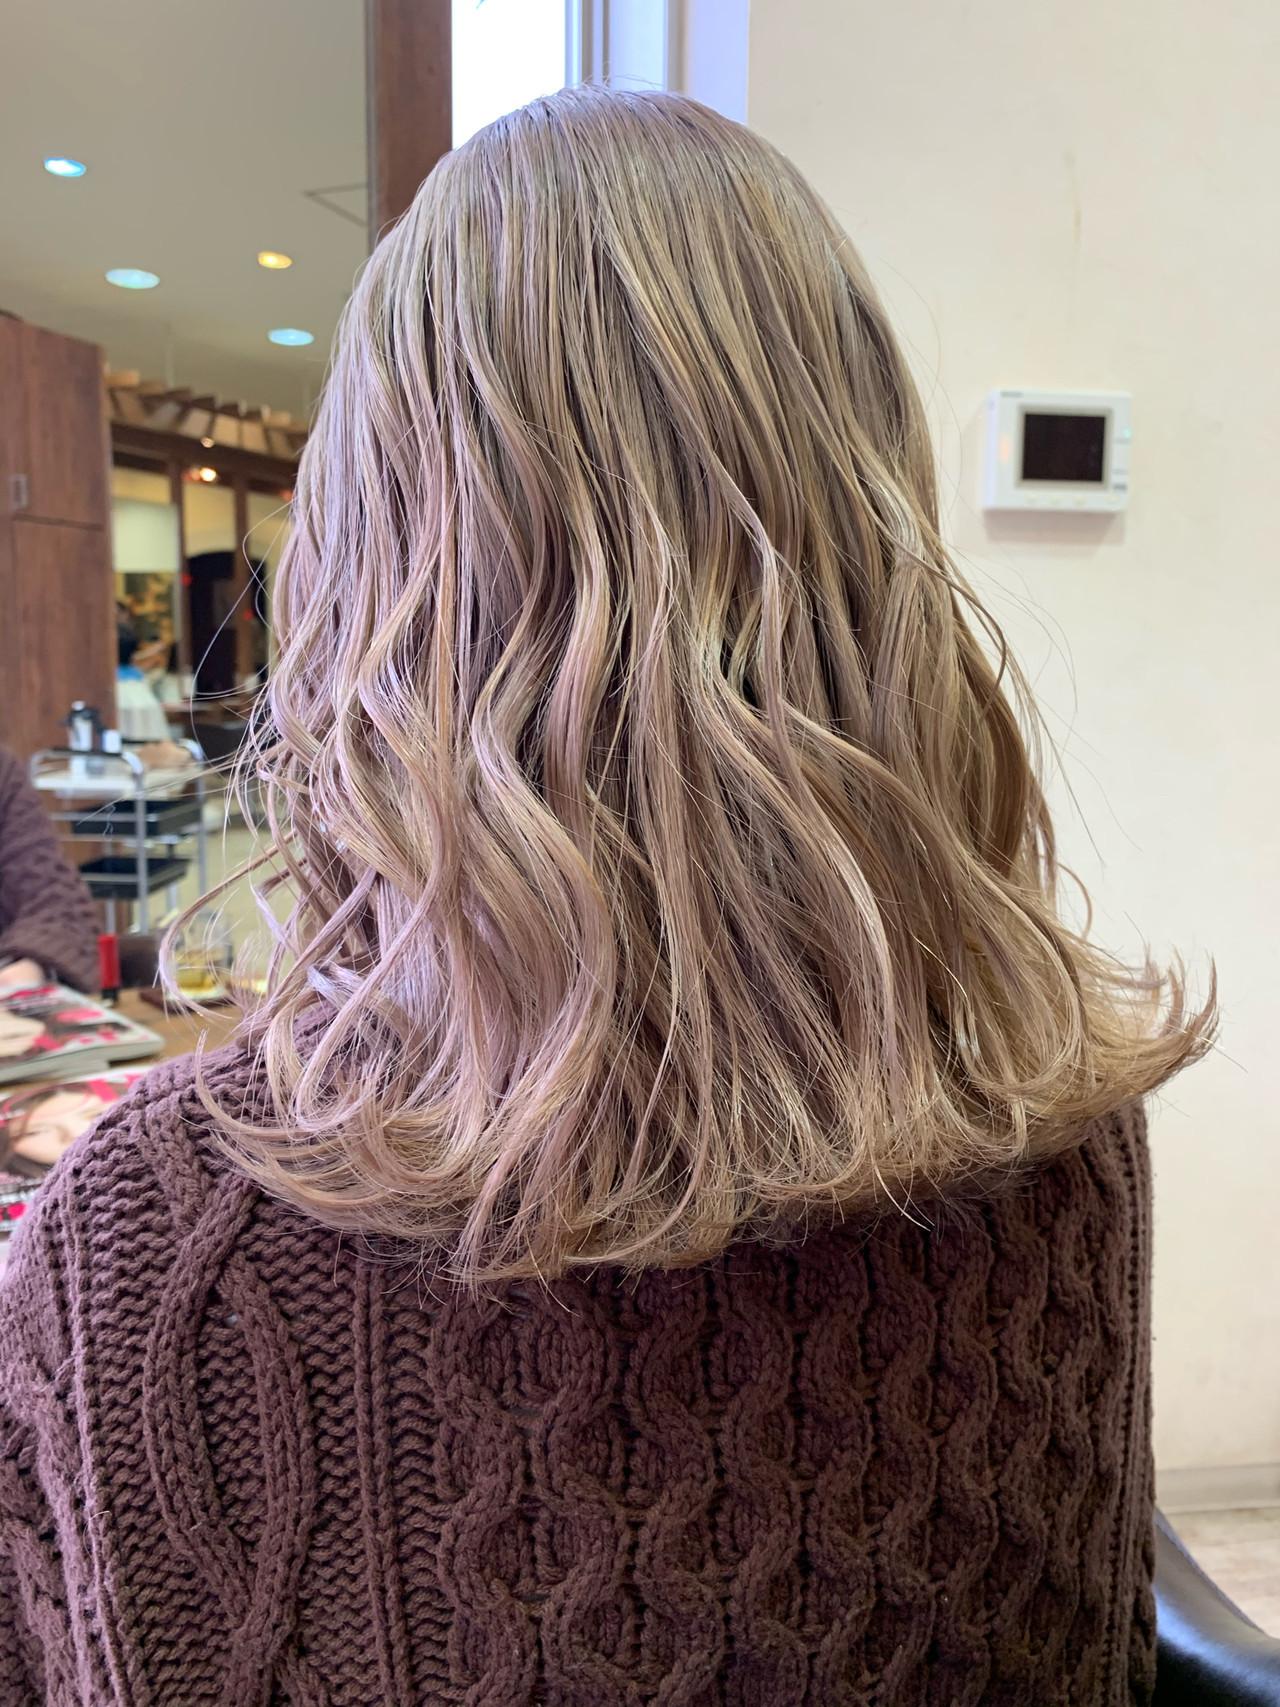 モード ヌーディベージュ ミディアム ミルクティー ヘアスタイルや髪型の写真・画像